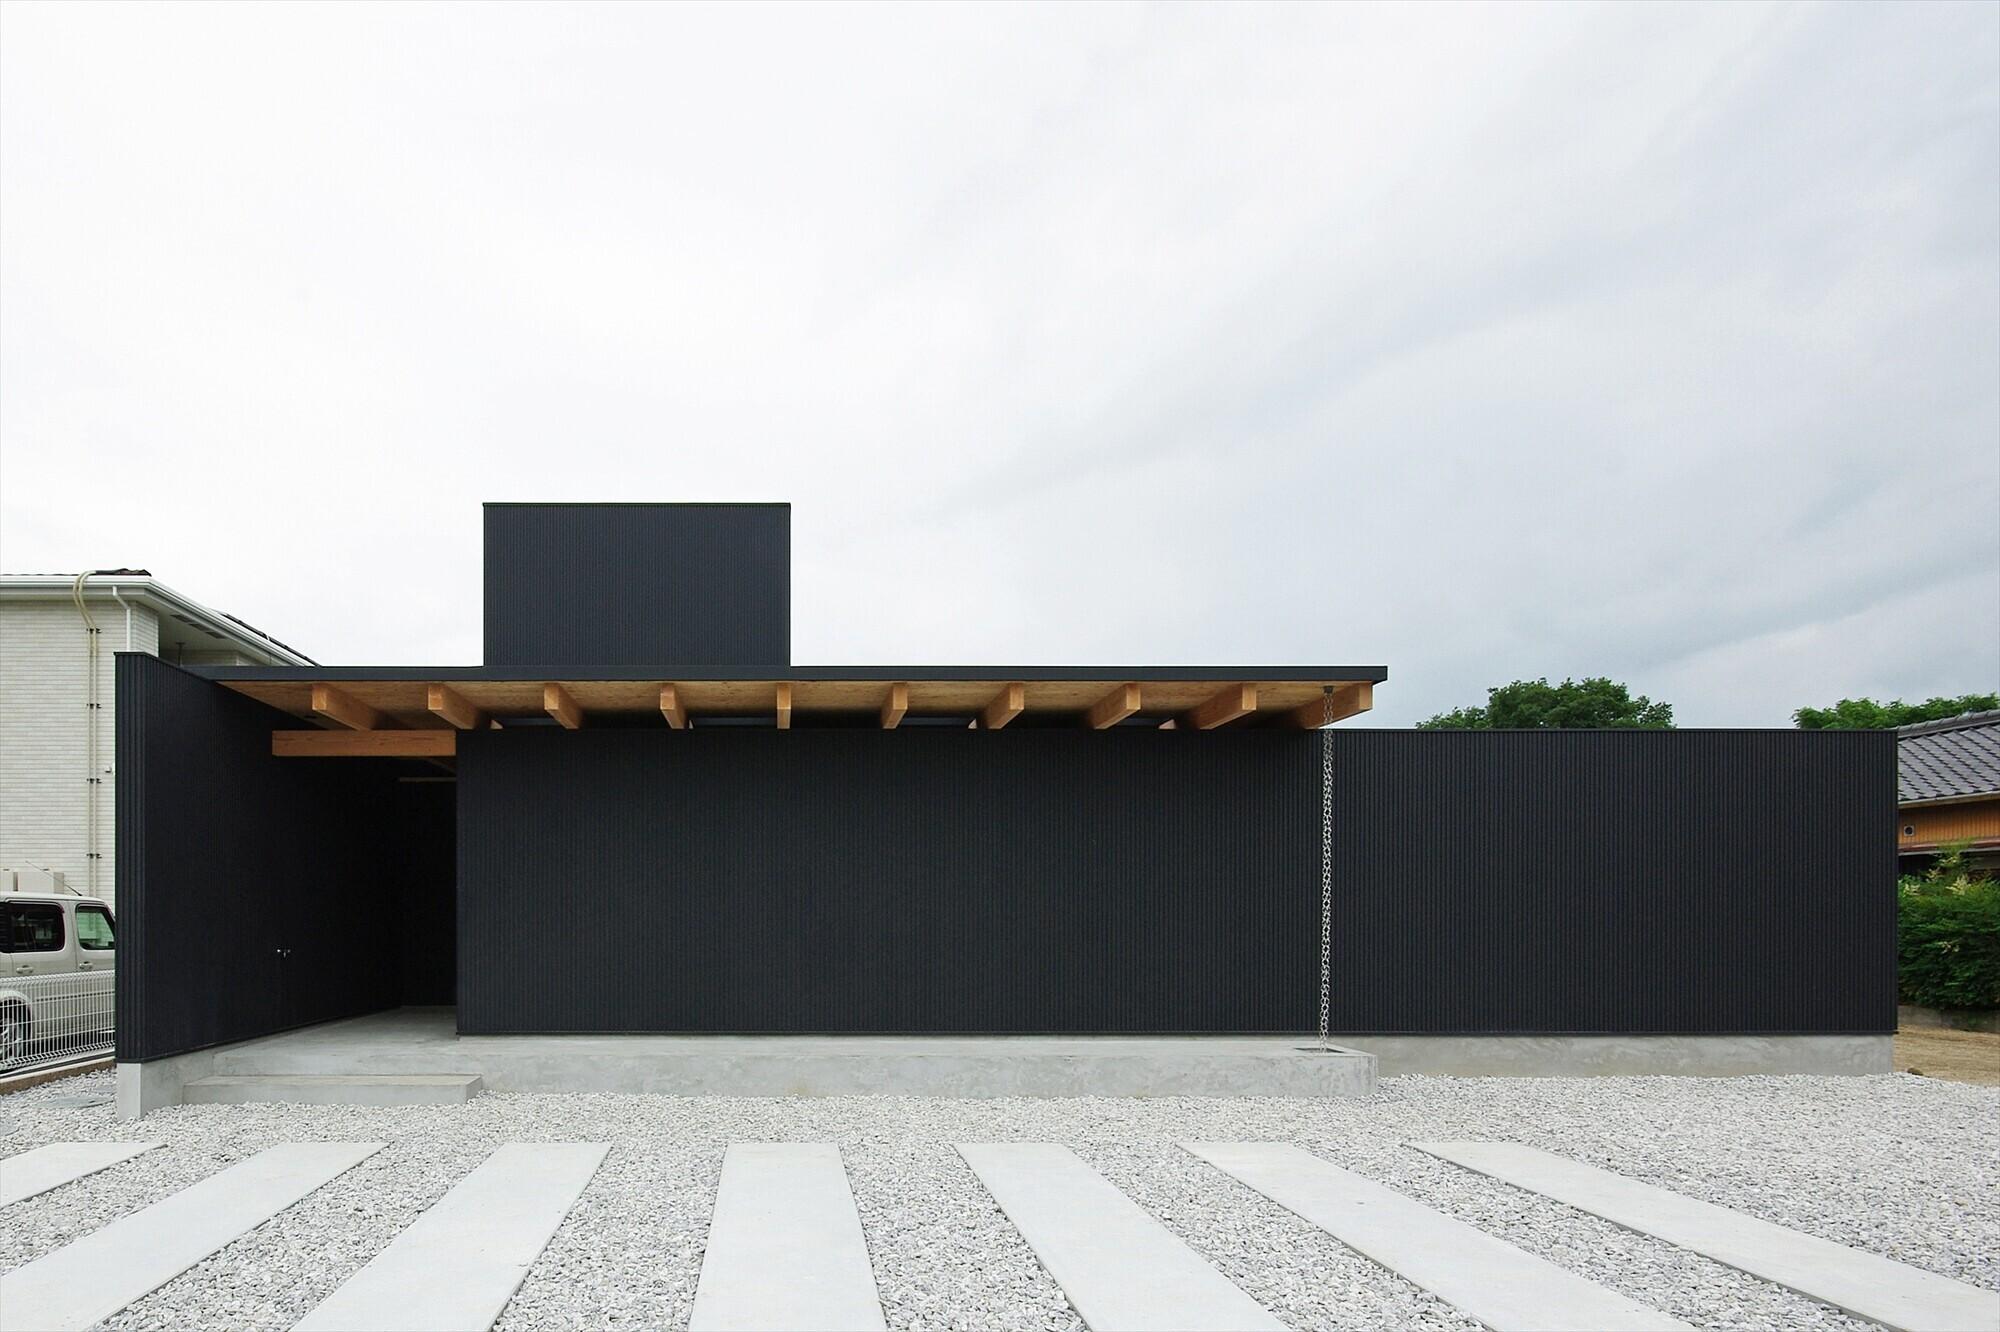 外壁はガルバリウム鋼板の八山葺き、色は黒。手前の壁と建物の間にはスペースがあり、モミジが植えられています。 | 上野の家-ueno